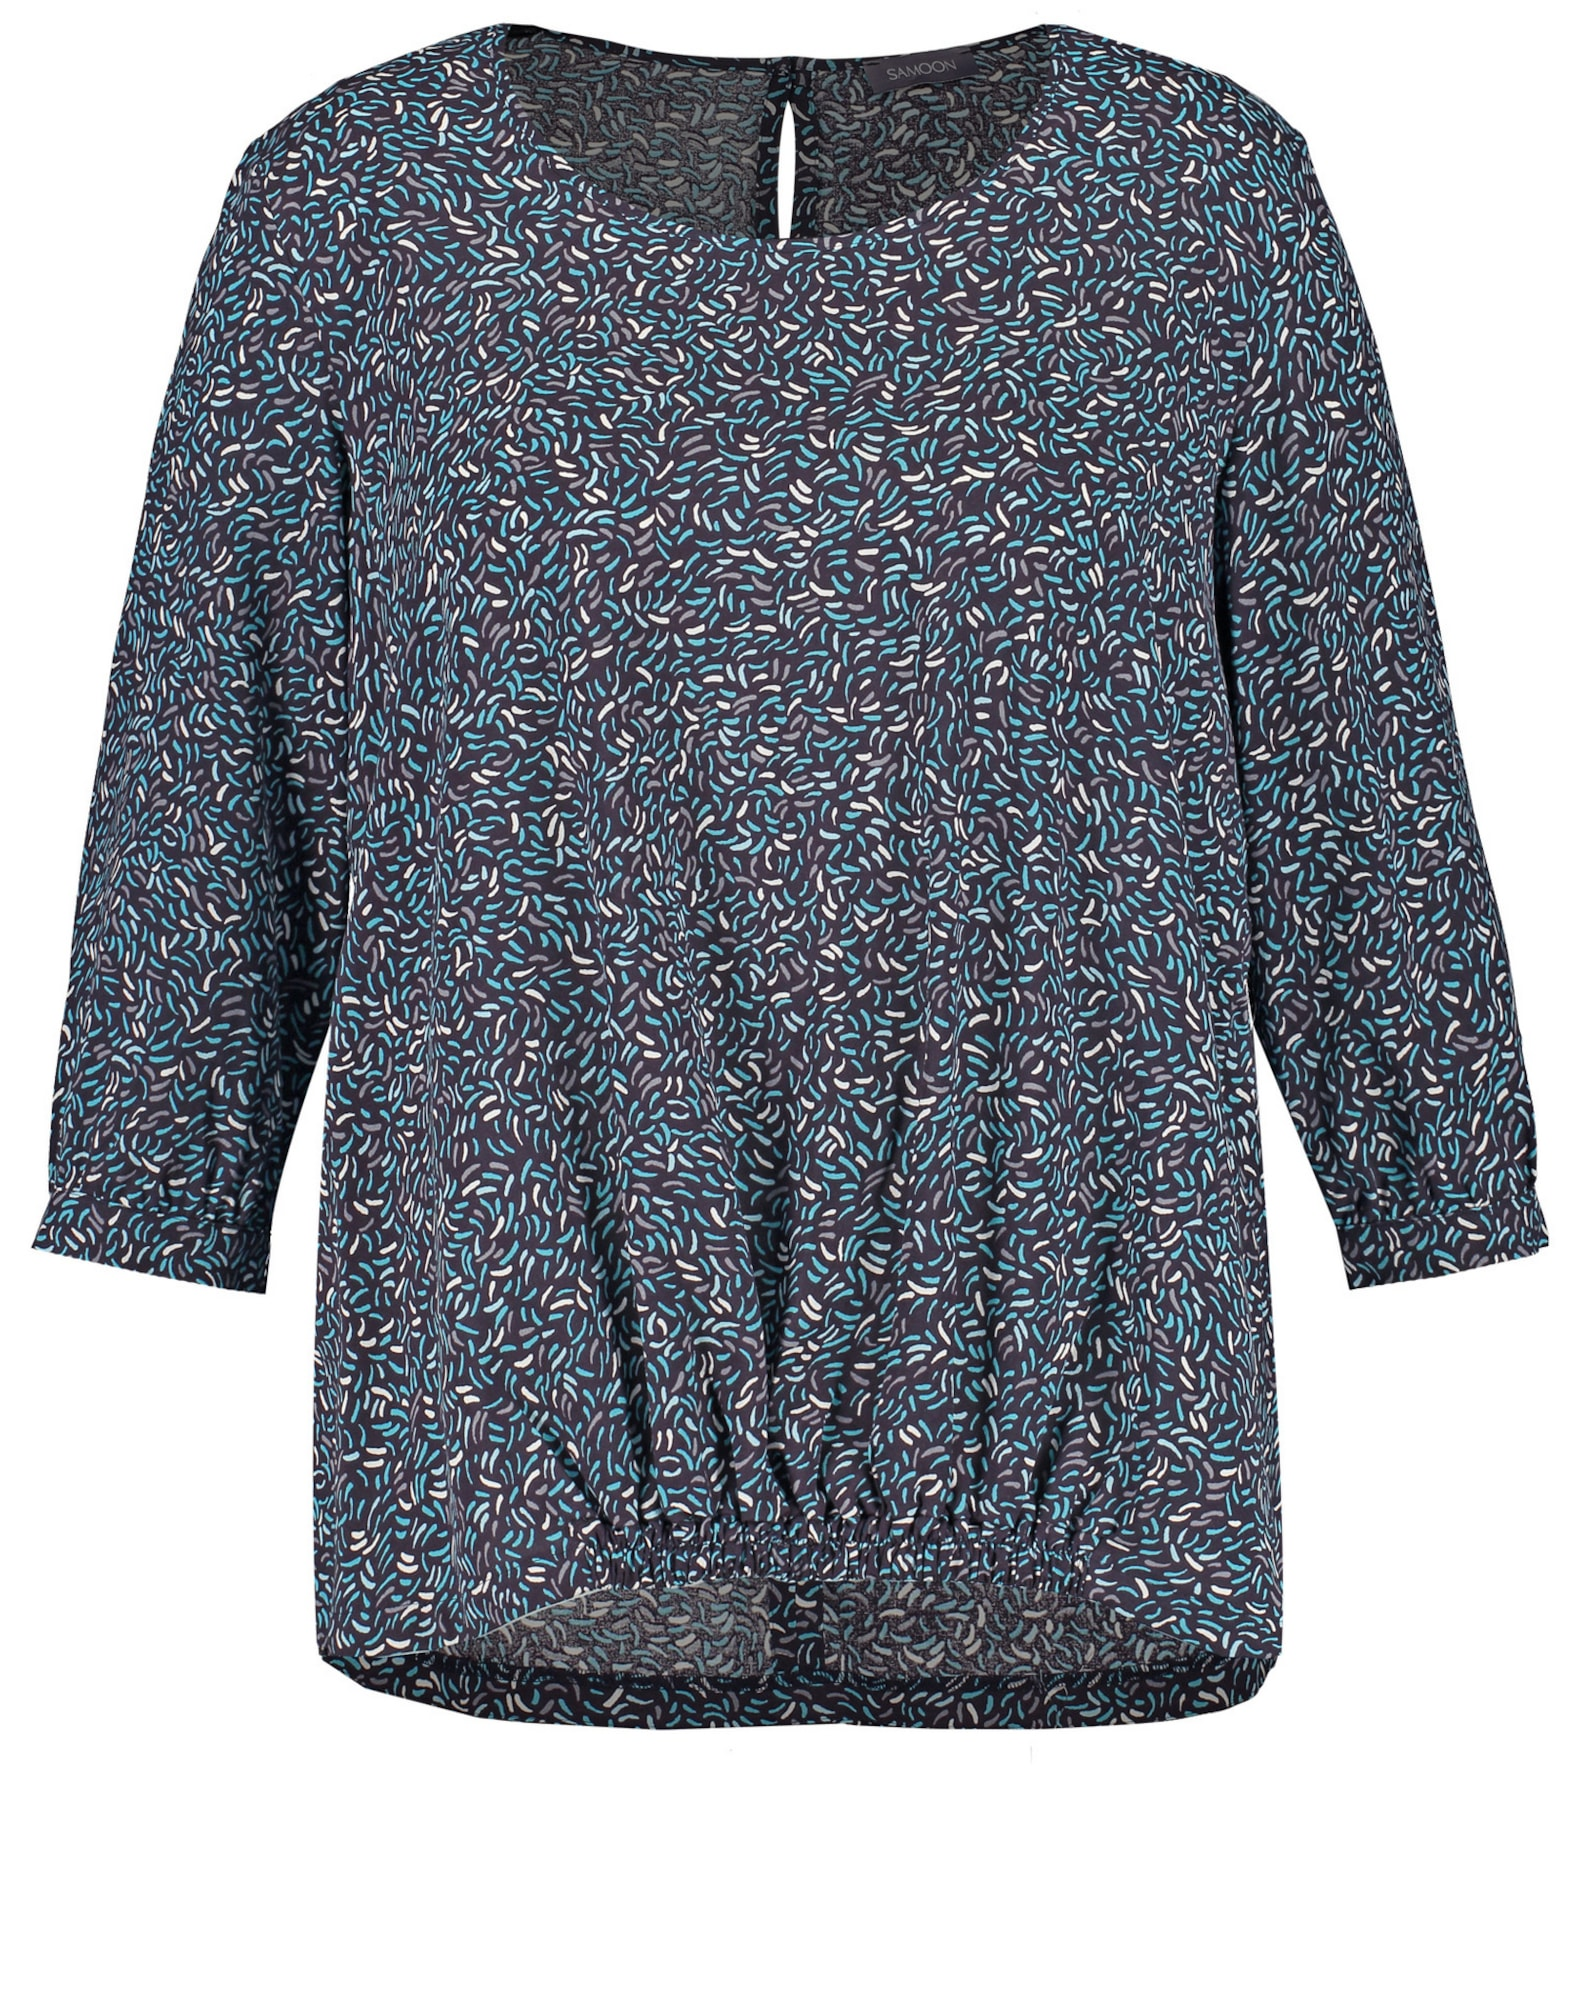 SAMOON Marškinėliai mišrios spalvos